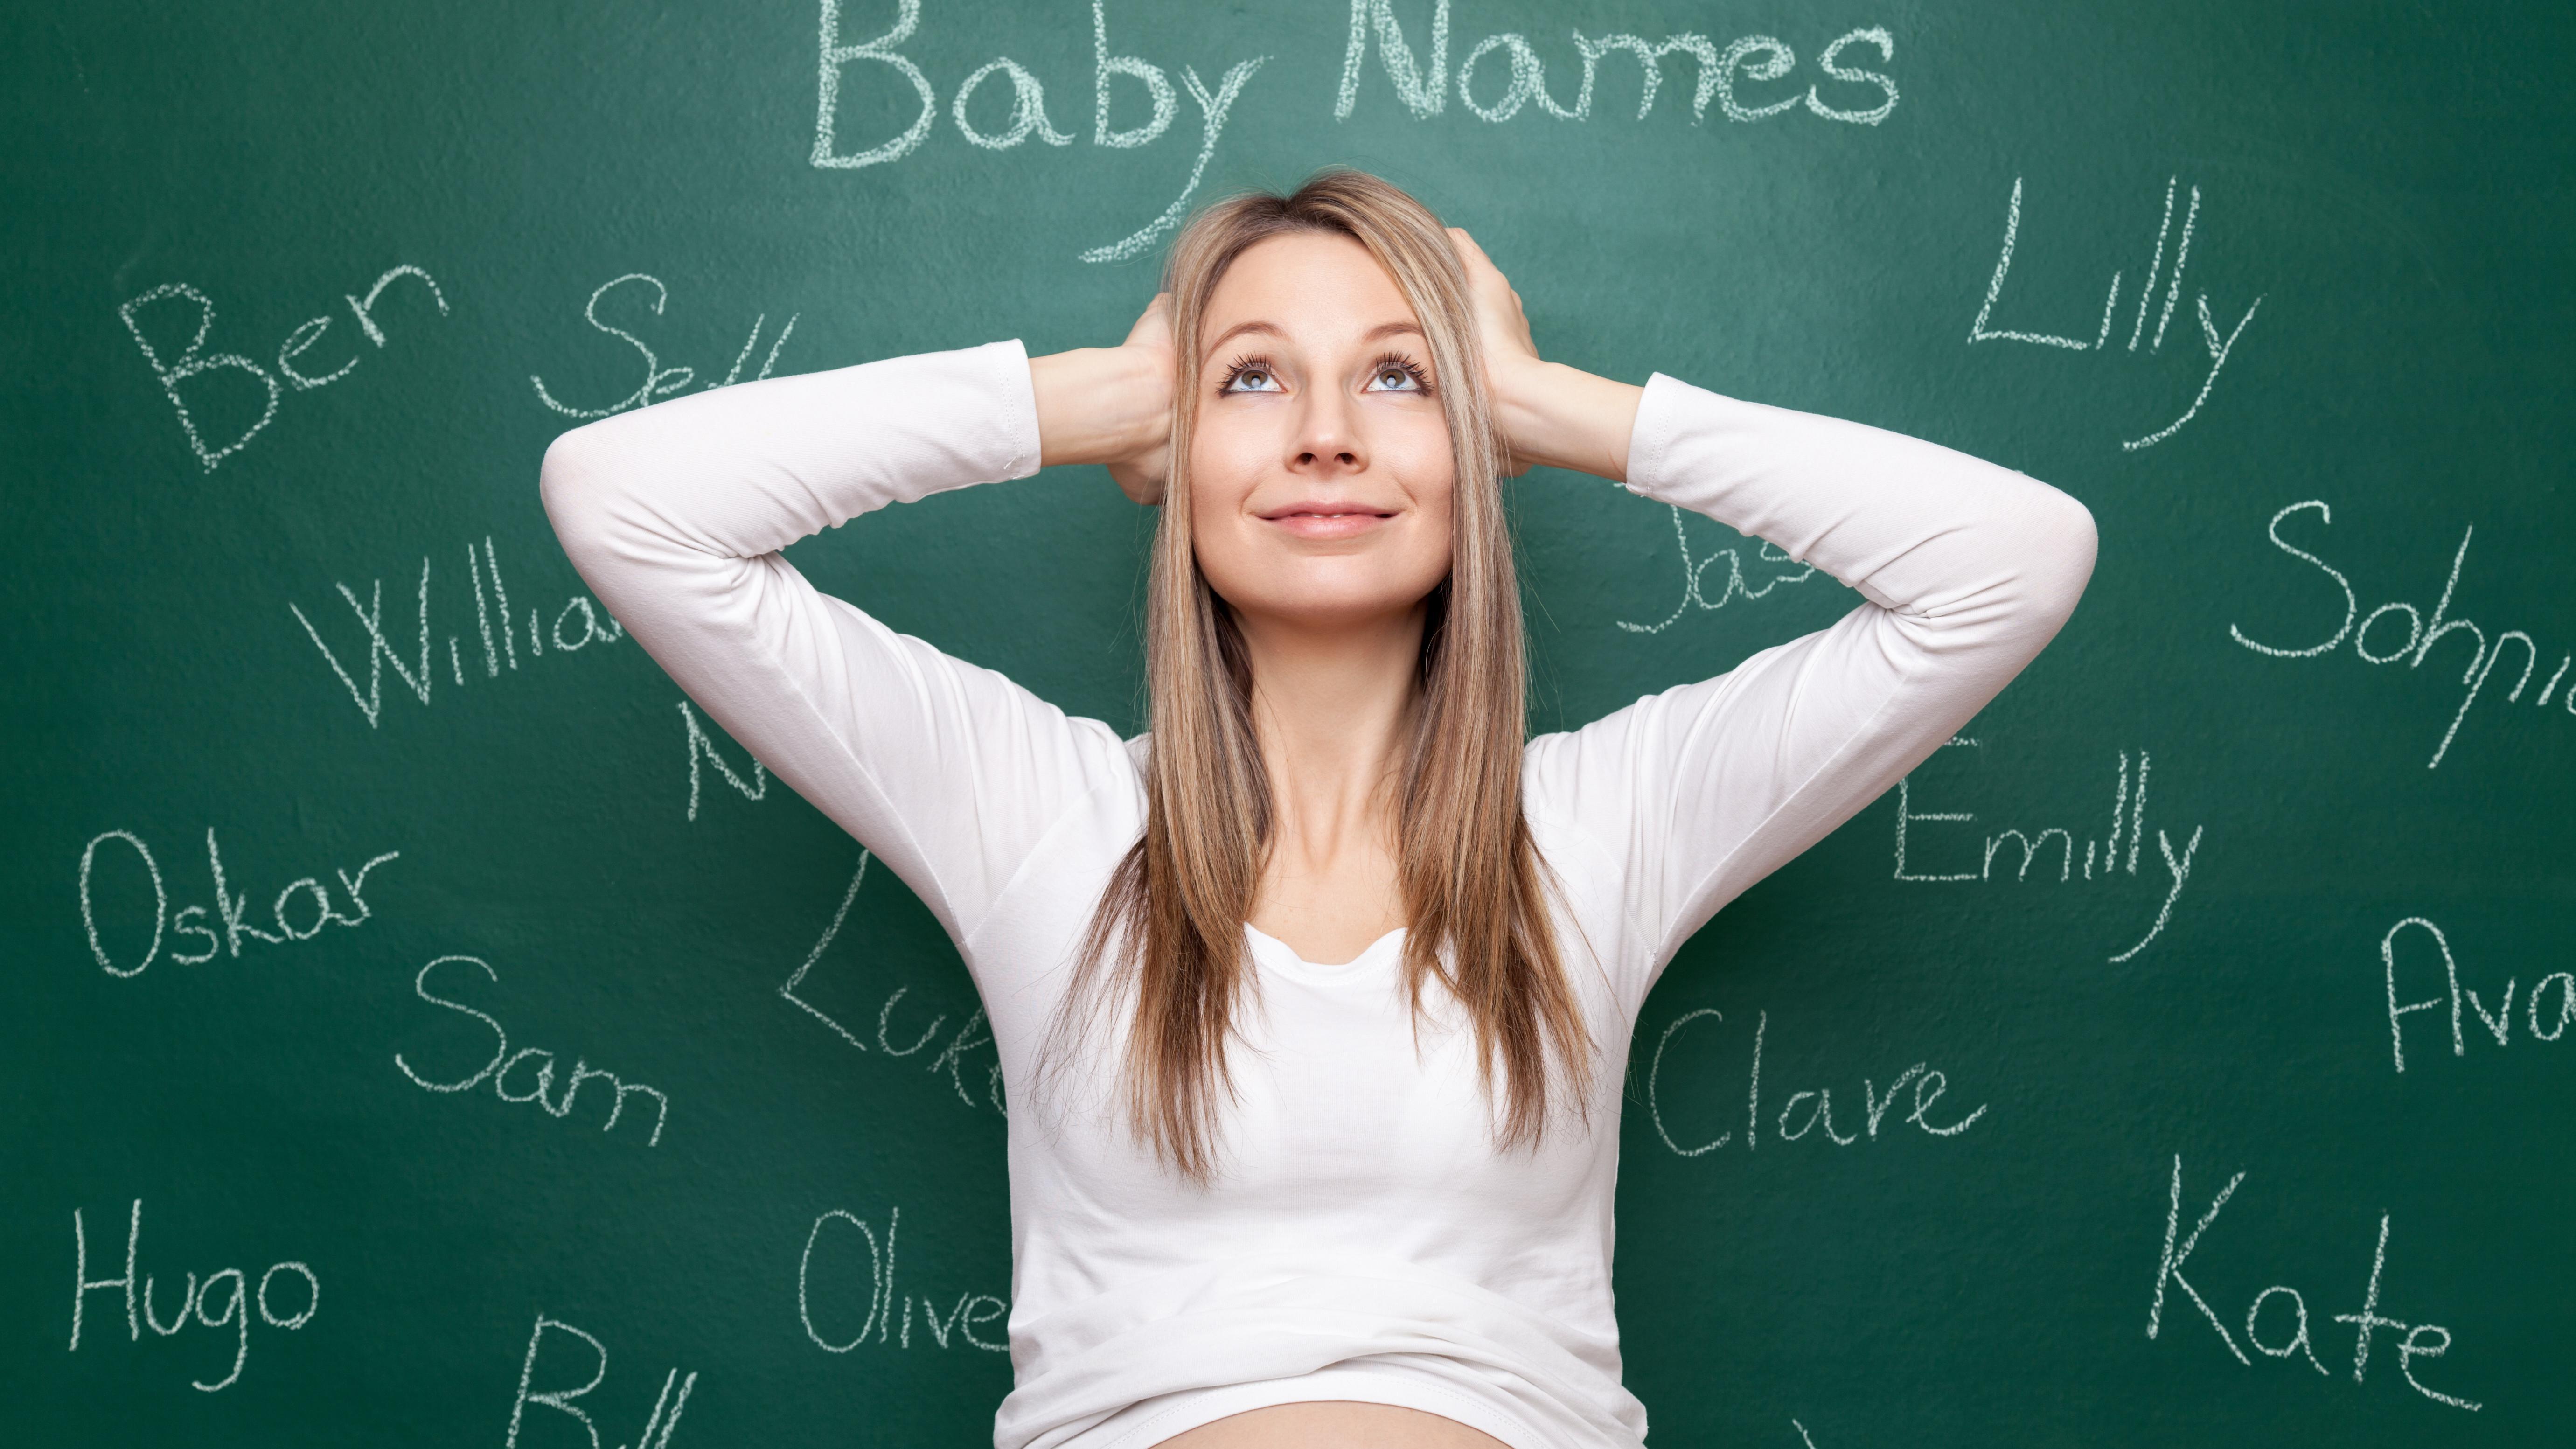 Unisex-Vornamen sind sowohl für Mädchen als auch für Jungen geeignet.